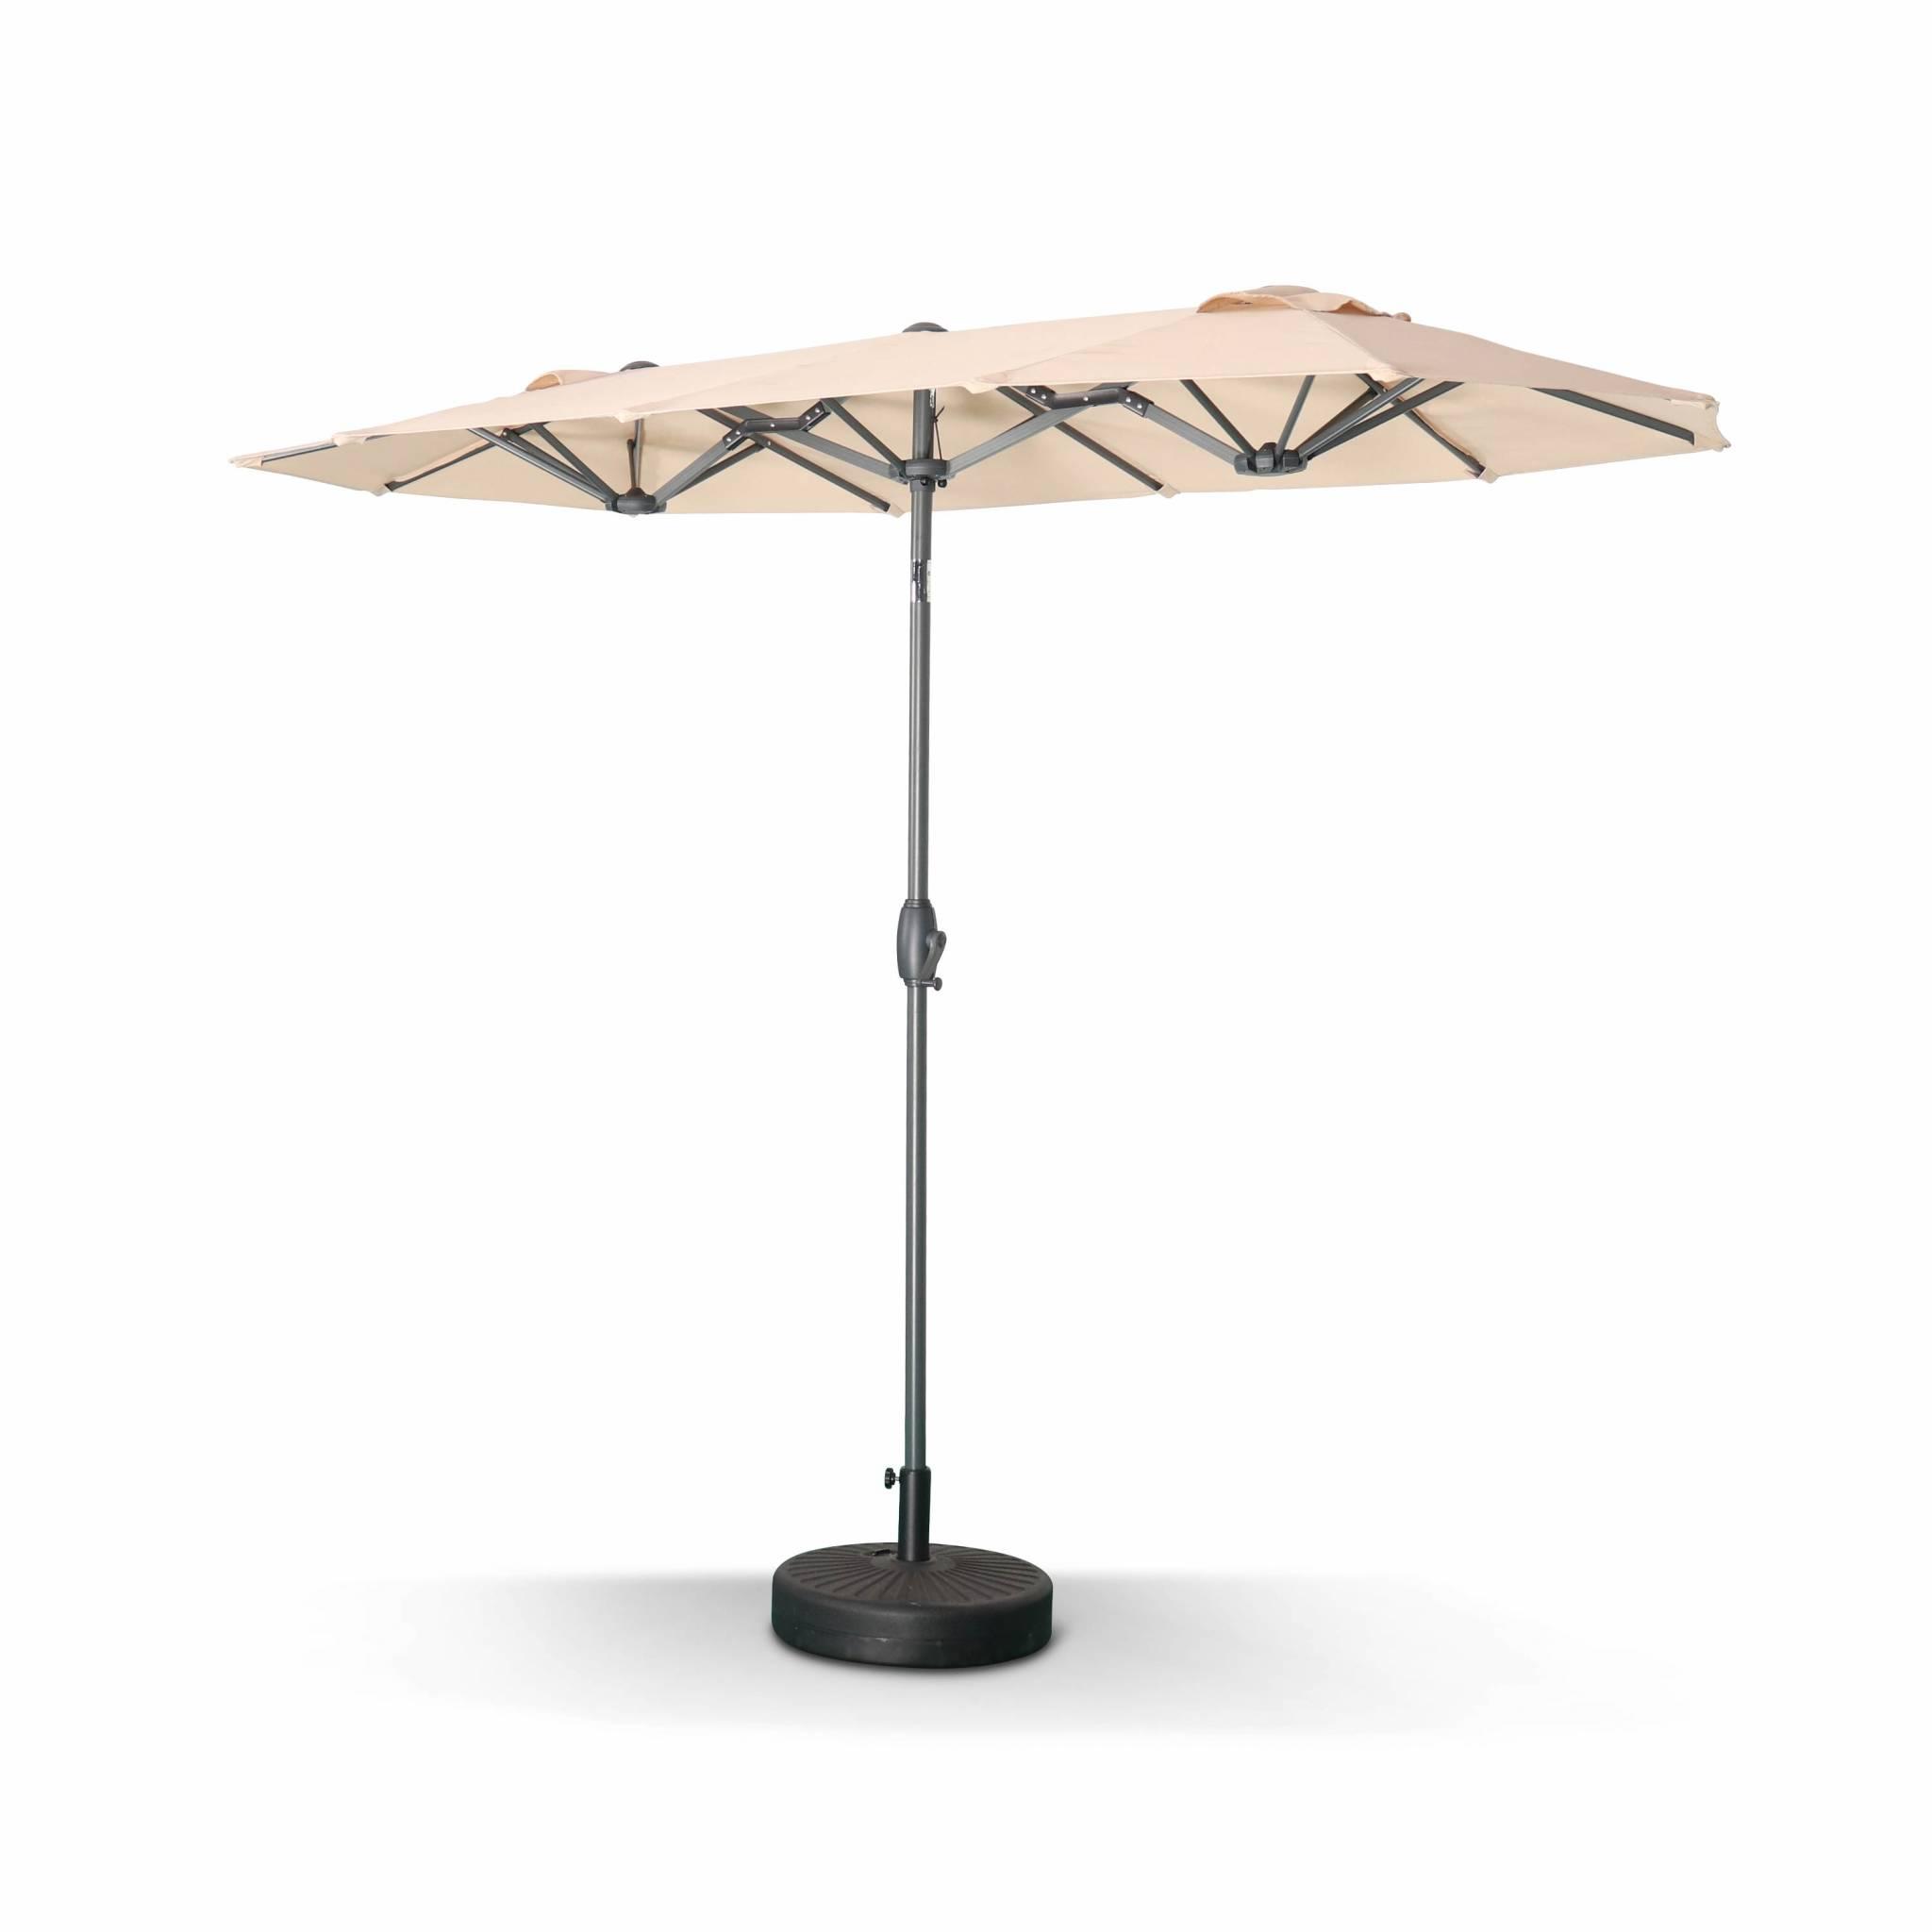 Parasol droit ovale double 1x3m – biarritz – beige – parasol à mât